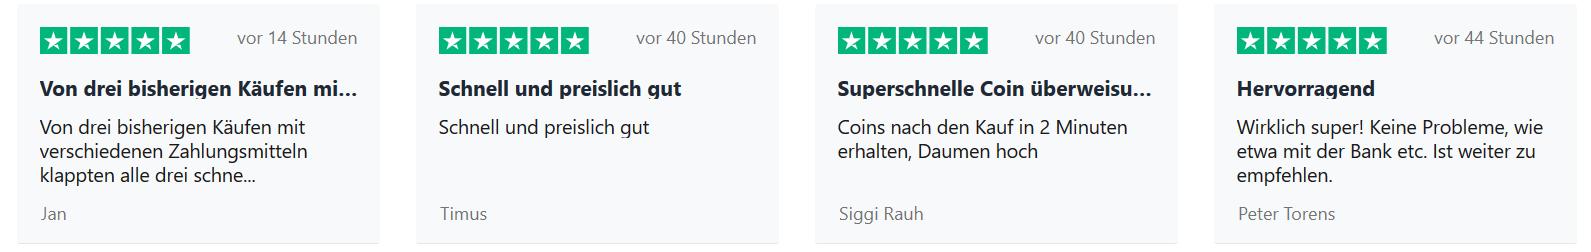 Anycoin Erfahrungen: 4 letzte Bewertungen mit jeweils 5 von 5 Sternen.